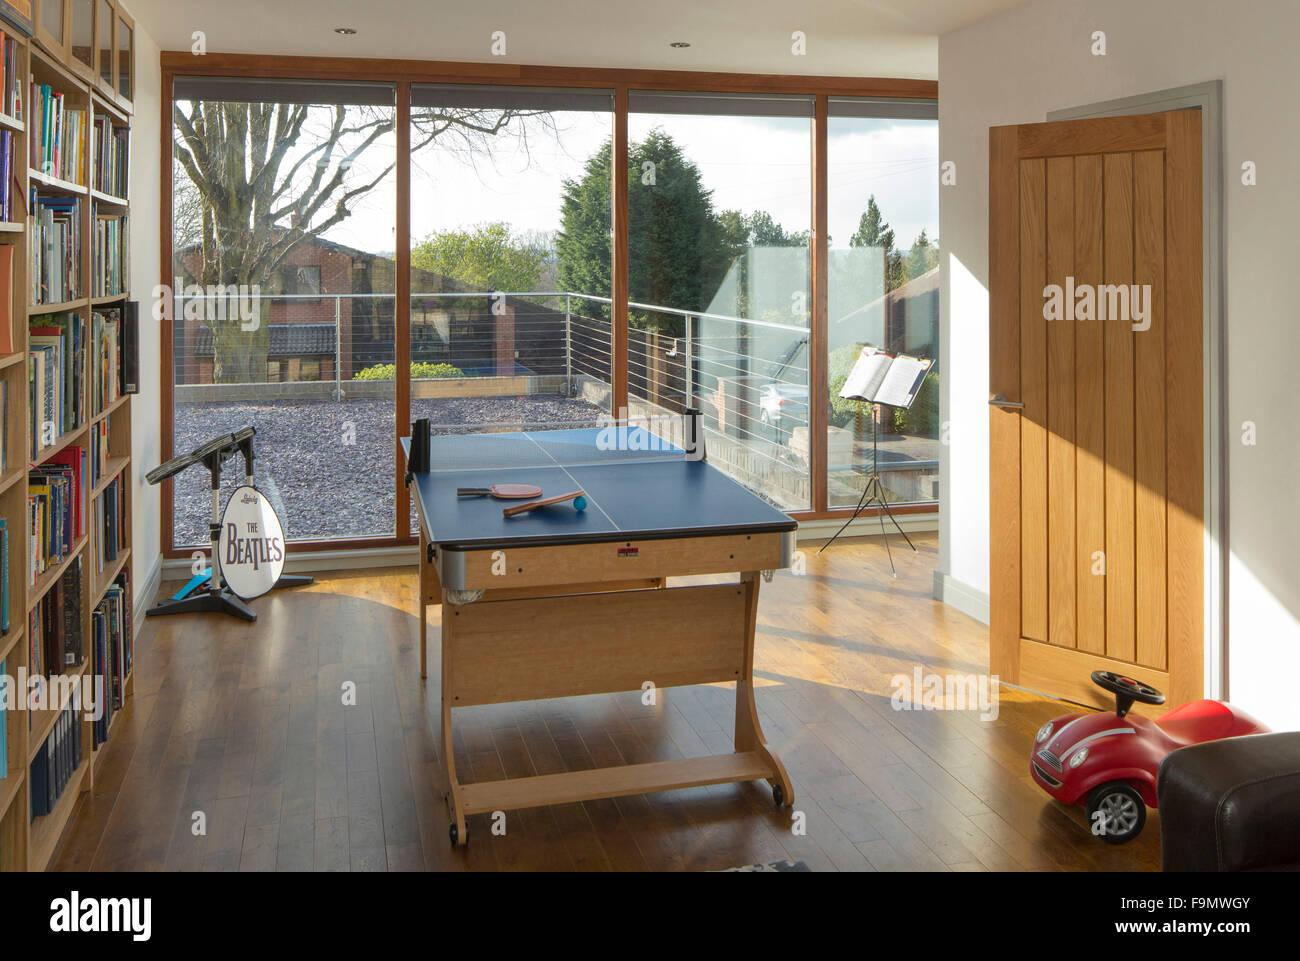 Playroom mostrando piso de madera y mesa de ping-pong. Longitud de caída puertas correderas de vidrio a una Imagen De Stock